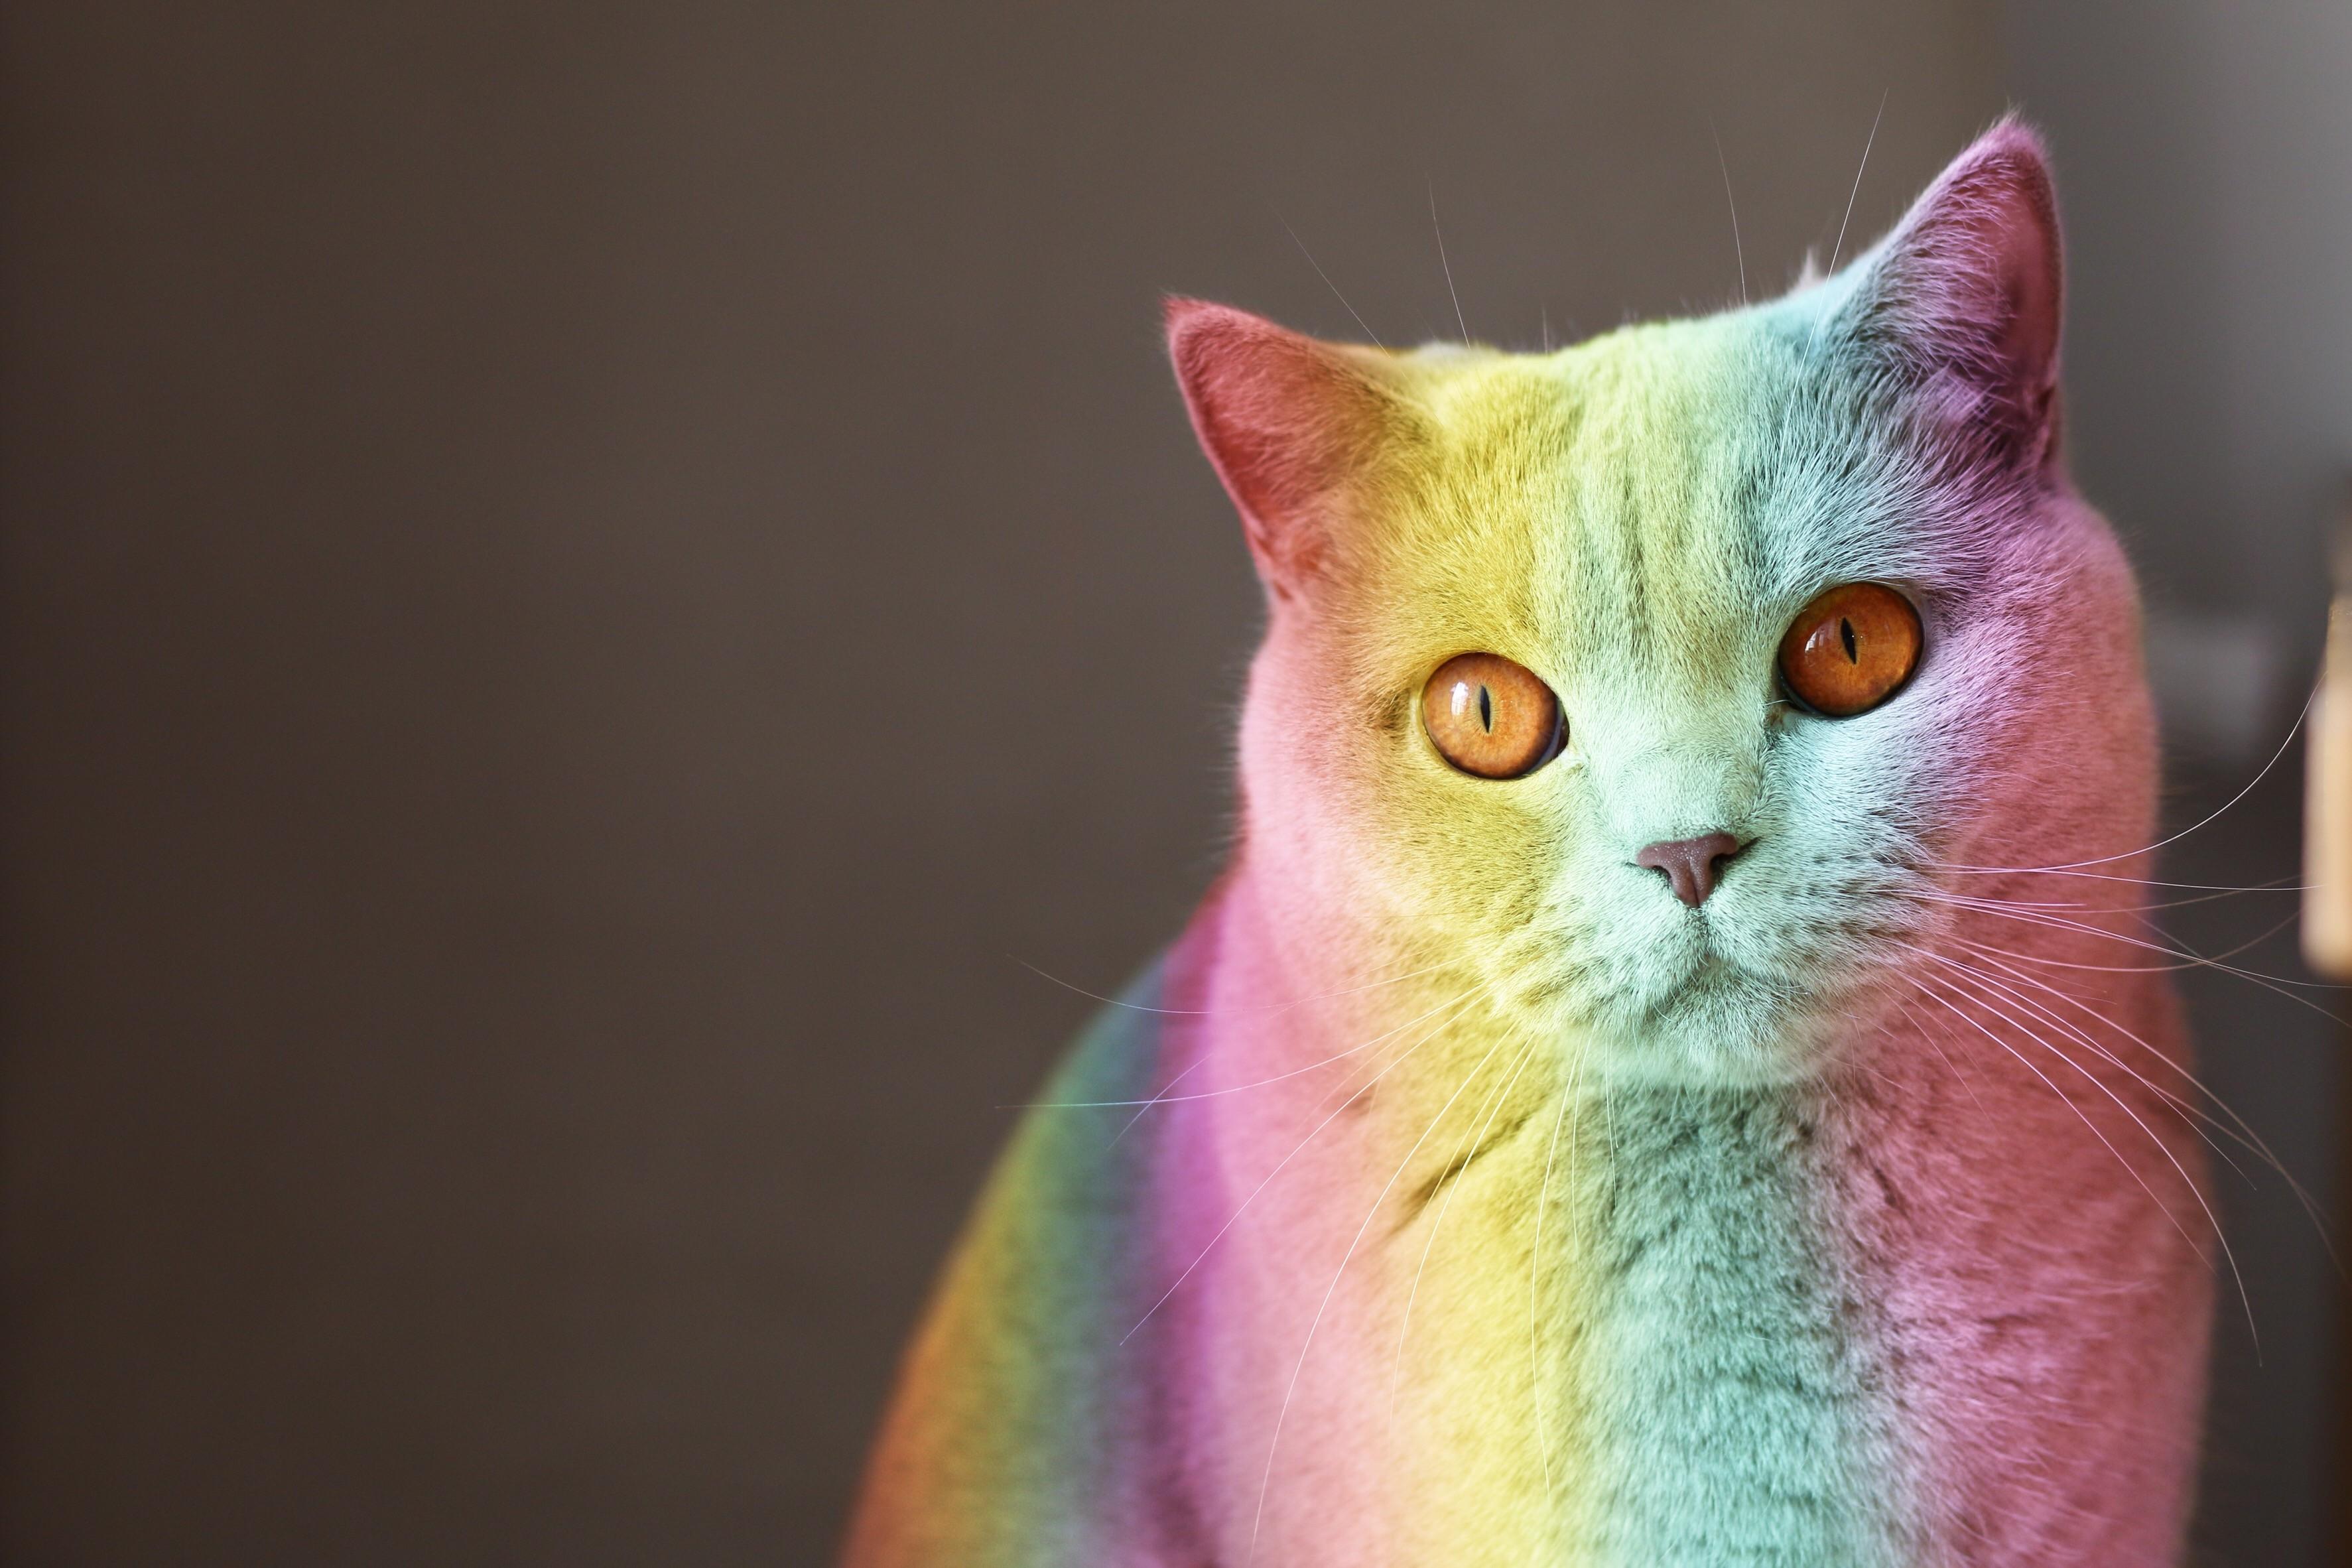 #rainbowcat #FreeToEdit #rainbow #colors